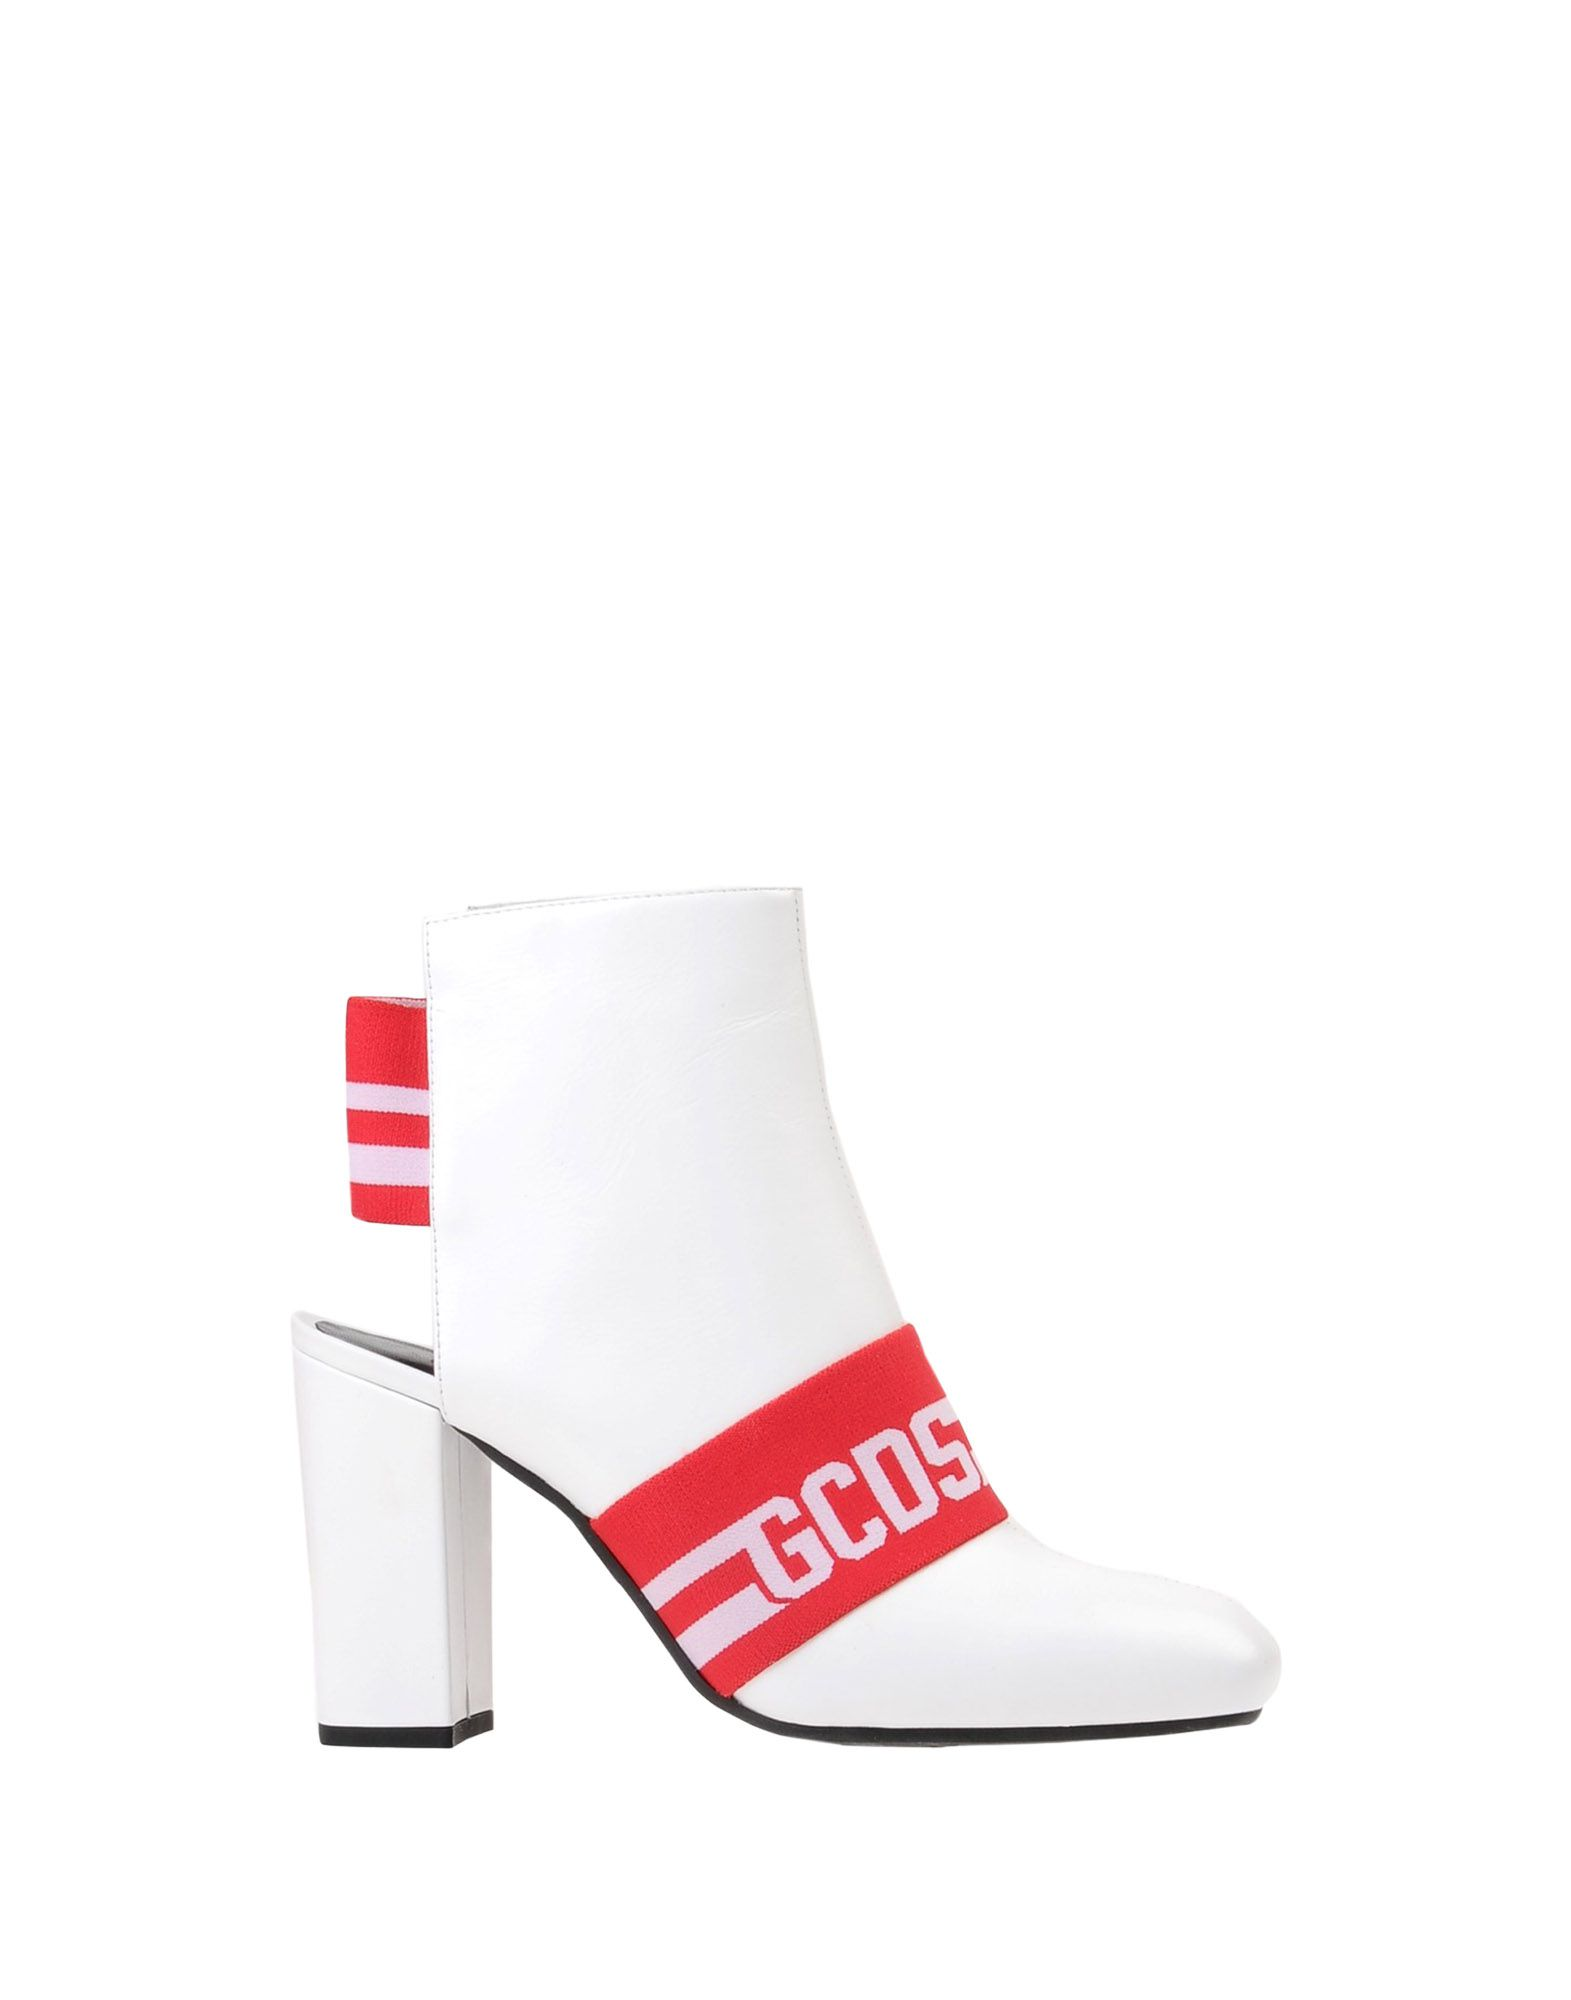 Gcds _Wh, 11470257CF Sabot 01 White  11470257CF _Wh, Neue Schuhe 3fa509